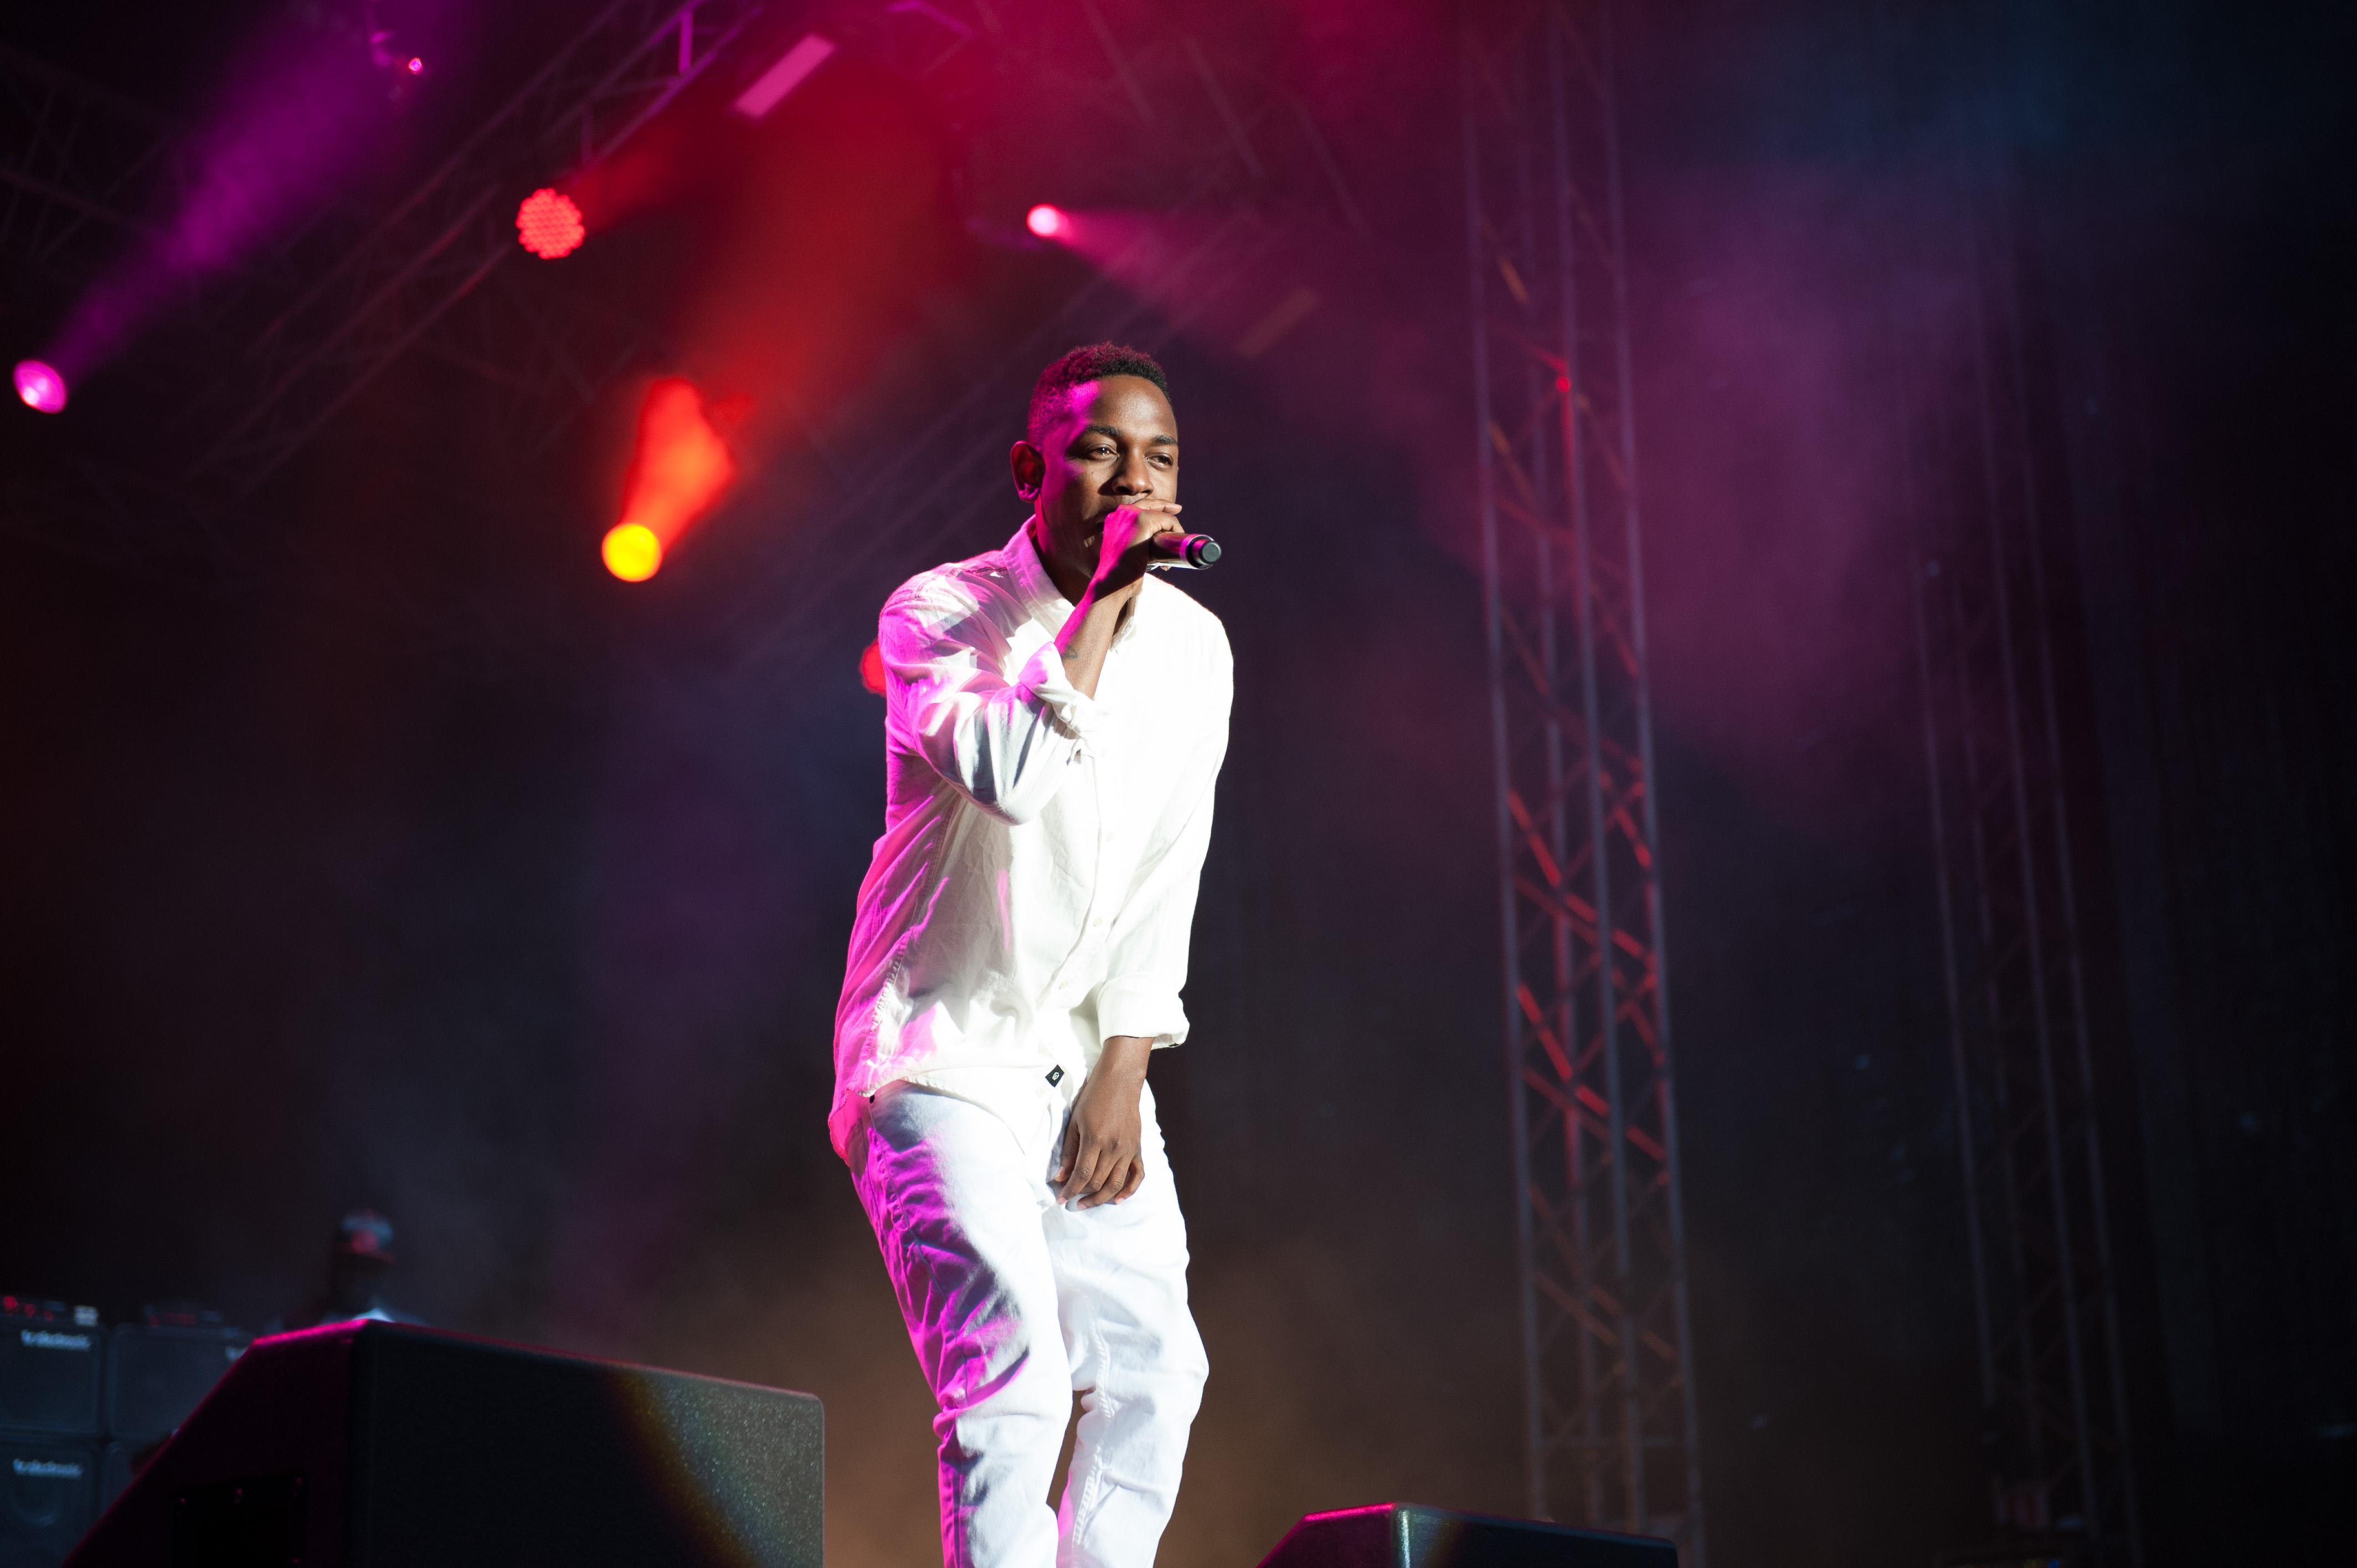 Kendrick lamar the ways pmv 9